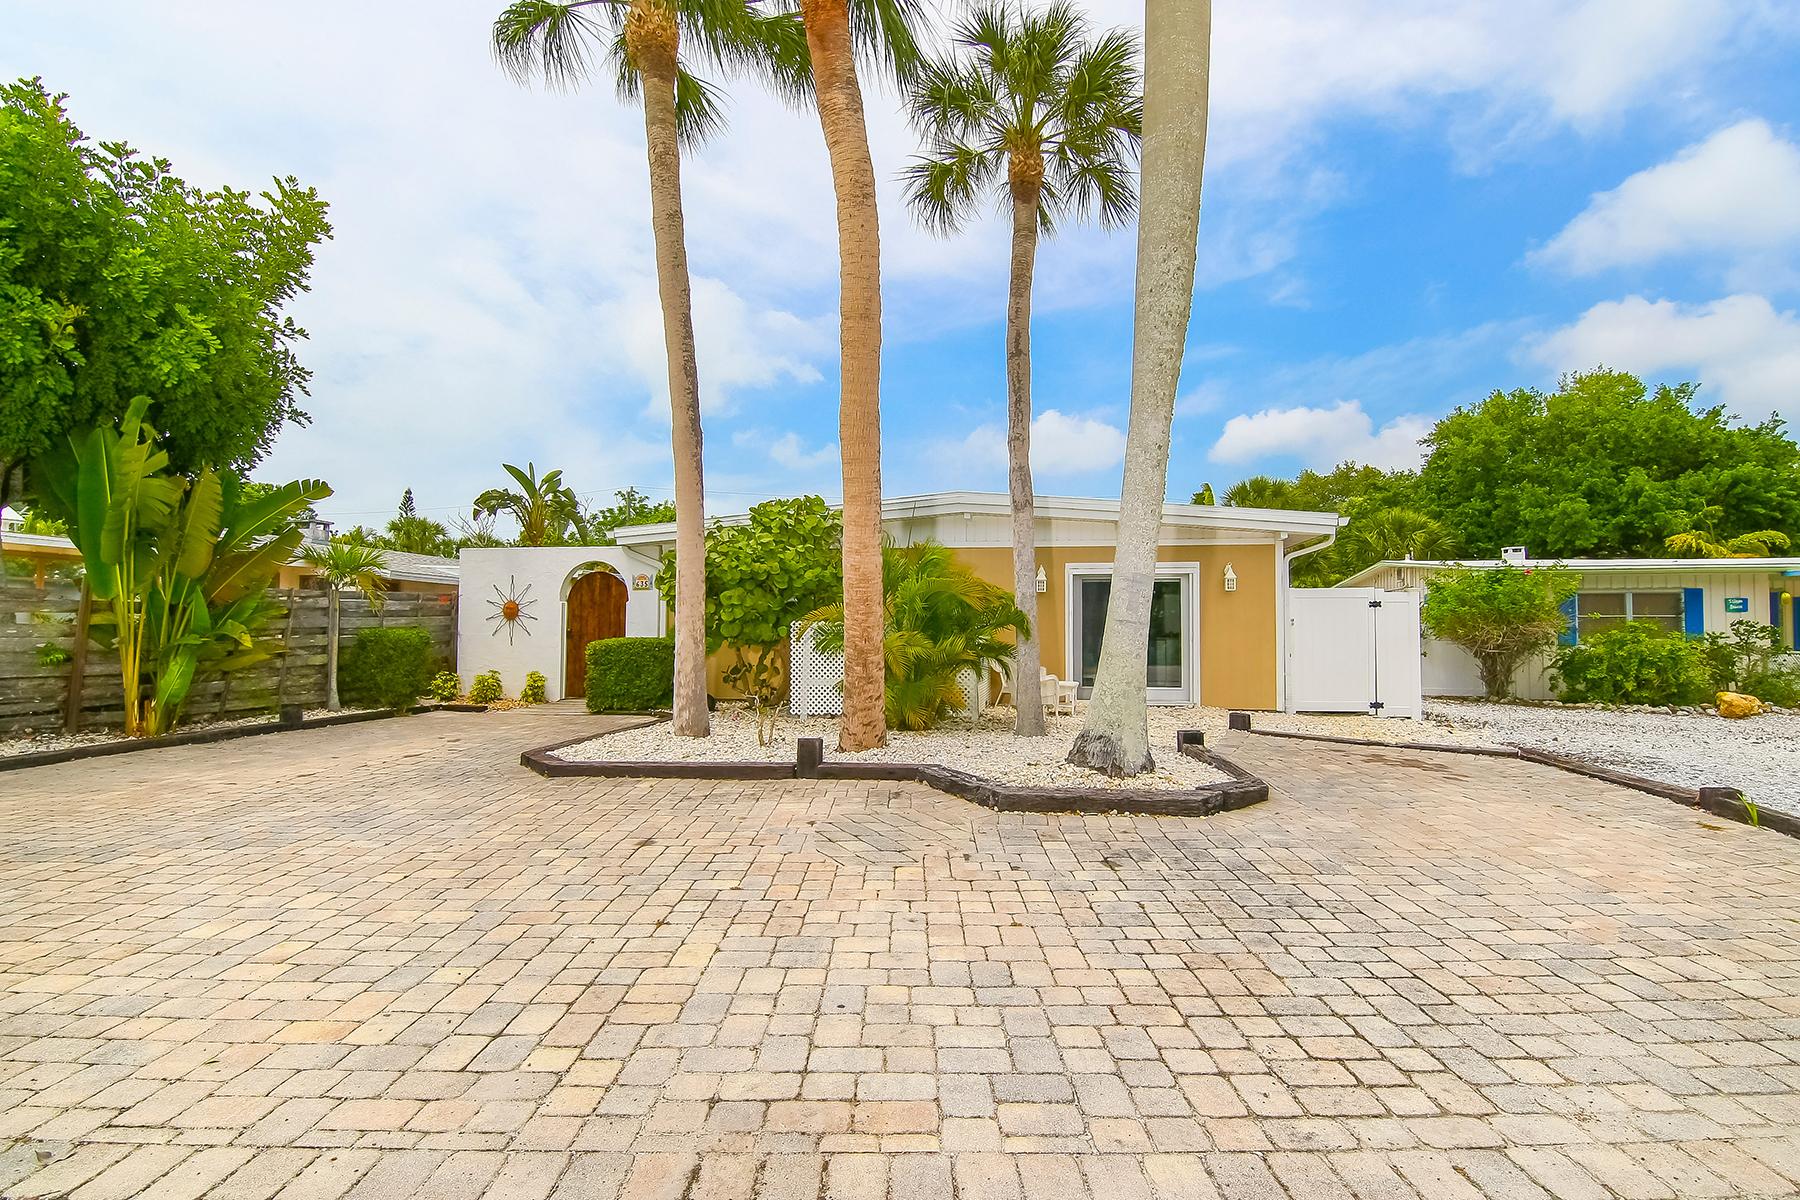 Частный односемейный дом для того Продажа на SARASOTA BEACH 635 Avenida Del Norte Sarasota, Флорида 34242 Соединенные Штаты